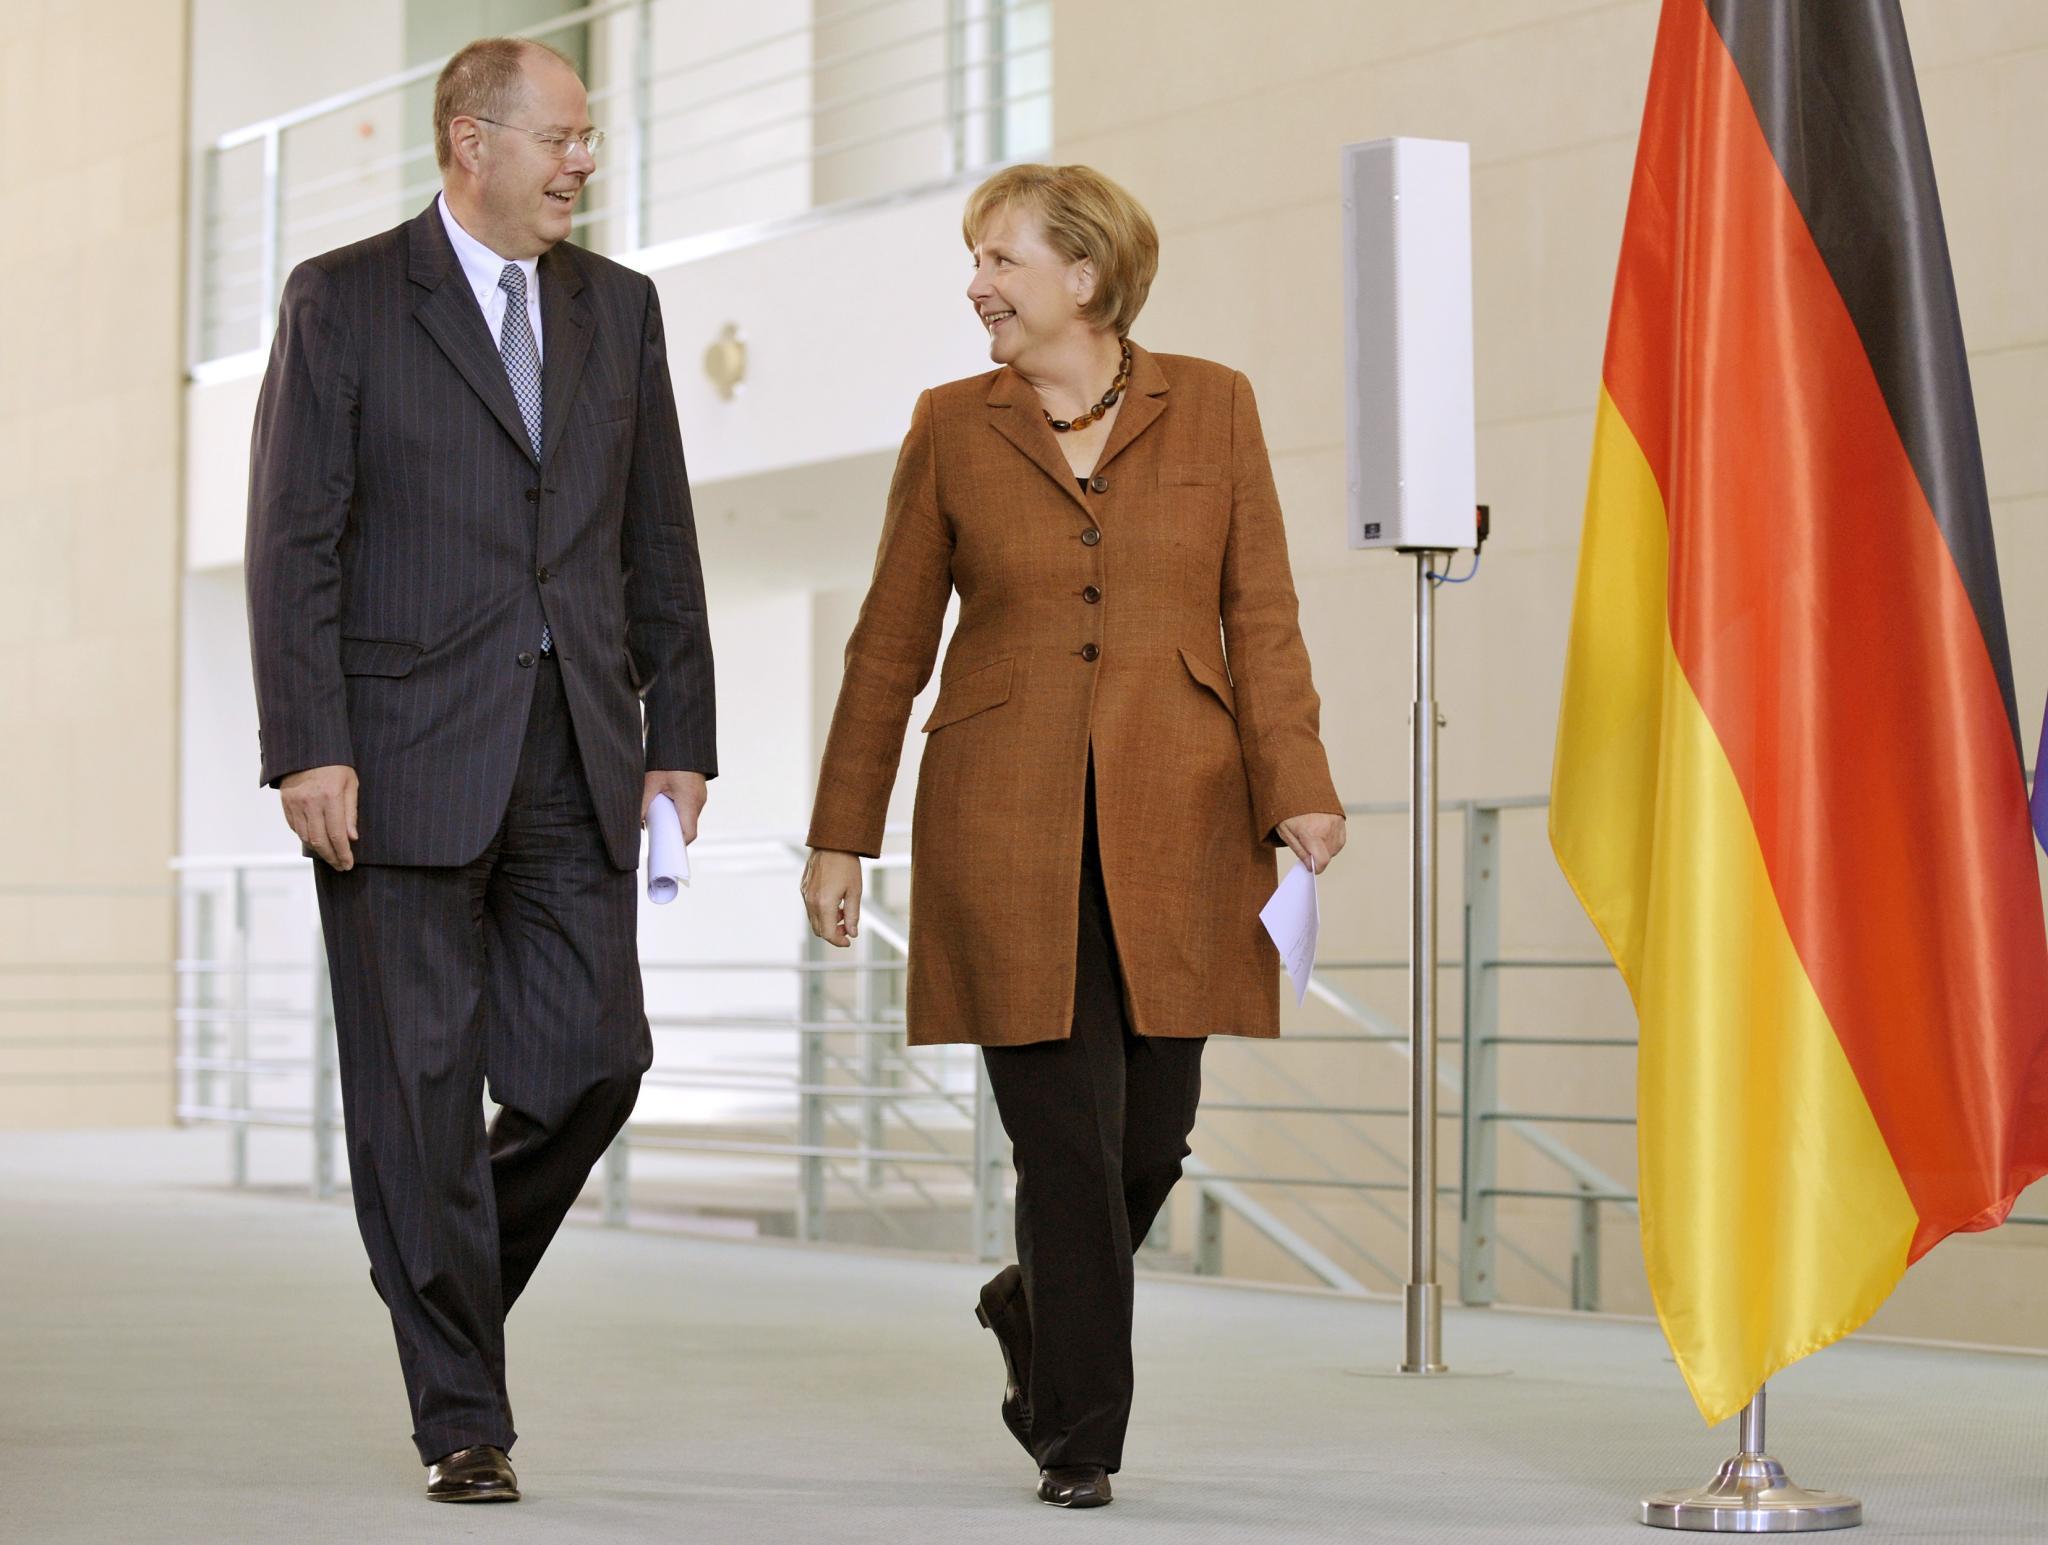 Dreamteam? In der Großen Koalition von 2005 bis 2009 war Steinbrück Bundesfinanzminister neben Angela Merkel. Beim TV-Duell vergangenen Sonntag vernahmen viele ein Werben der Kanzlerin, es erneut miteinander zu versuchen.